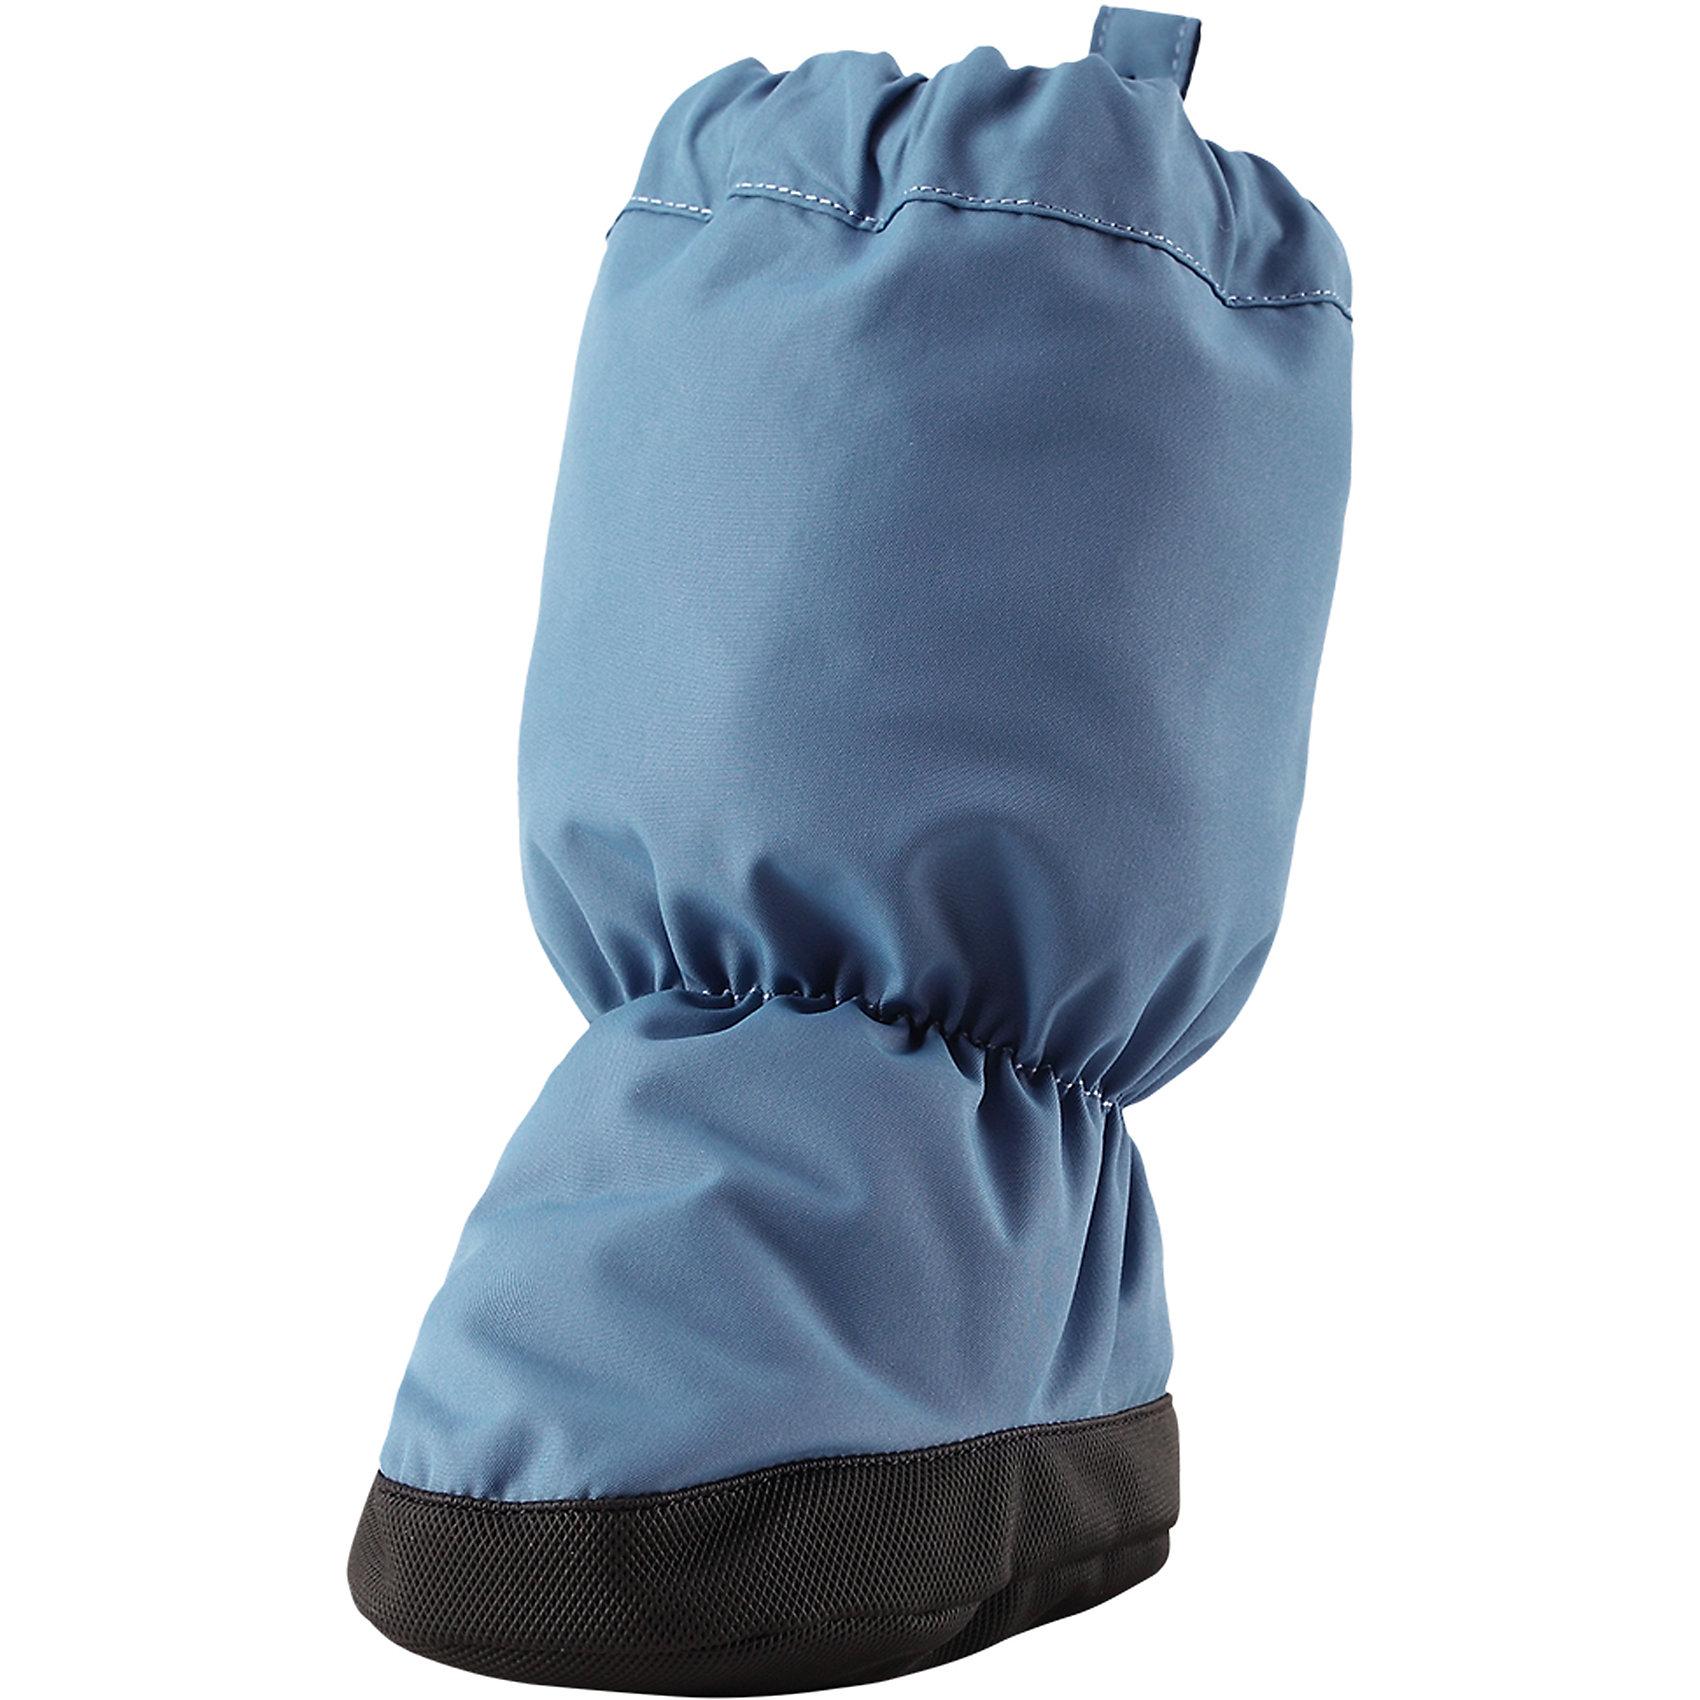 Пинетки Reima AnturaПинетки и царапки<br>Характеристики товара:<br><br>• цвет: голубой;<br>• состав: 100% полиэстер;<br>• утеплитель: 170 г/м2 (comfort insulation);<br>• температурный режим: от -10 до -20С;<br>• сезон: зима; <br>• водонепроницаемость: 15000 мм;<br>• воздухопроницаемость: 7000 мм;<br>• износостойкость: 40000 (тест Мартиндейла);<br>• особенности модели: на подкладке;<br>• водонепроницаемый прочный материал;<br>• ветронепроницаемый и грязеотталкивающий материал;<br>• подкладка из полиэстера с небольшим начесом;<br>• антискользящая поверхность подошвы;<br>• логотип Reima;<br>• страна бренда: Финляндия;<br>• страна изготовитель: Китай.<br><br>Зимние пинетки изготовлены из дышащего водонепроницаемого материала, однако швы в них не проклеены – так что лужи придется обходить! Ребристая нескользящая подошва поможет сделать первые шаги на свежем воздухе, кроме того, материал отталкивает грязь. А с мягкой трикотажной подкладкой с начесом в пинетках невероятно удобно. <br><br>Пинетки Antura Reima от финского бренда Reima (Рейма) можно купить в нашем интернет-магазине.<br><br>Ширина мм: 152<br>Глубина мм: 126<br>Высота мм: 93<br>Вес г: 242<br>Цвет: синий<br>Возраст от месяцев: 0<br>Возраст до месяцев: 6<br>Пол: Унисекс<br>Возраст: Детский<br>Размер: 0,2,1<br>SKU: 6908722